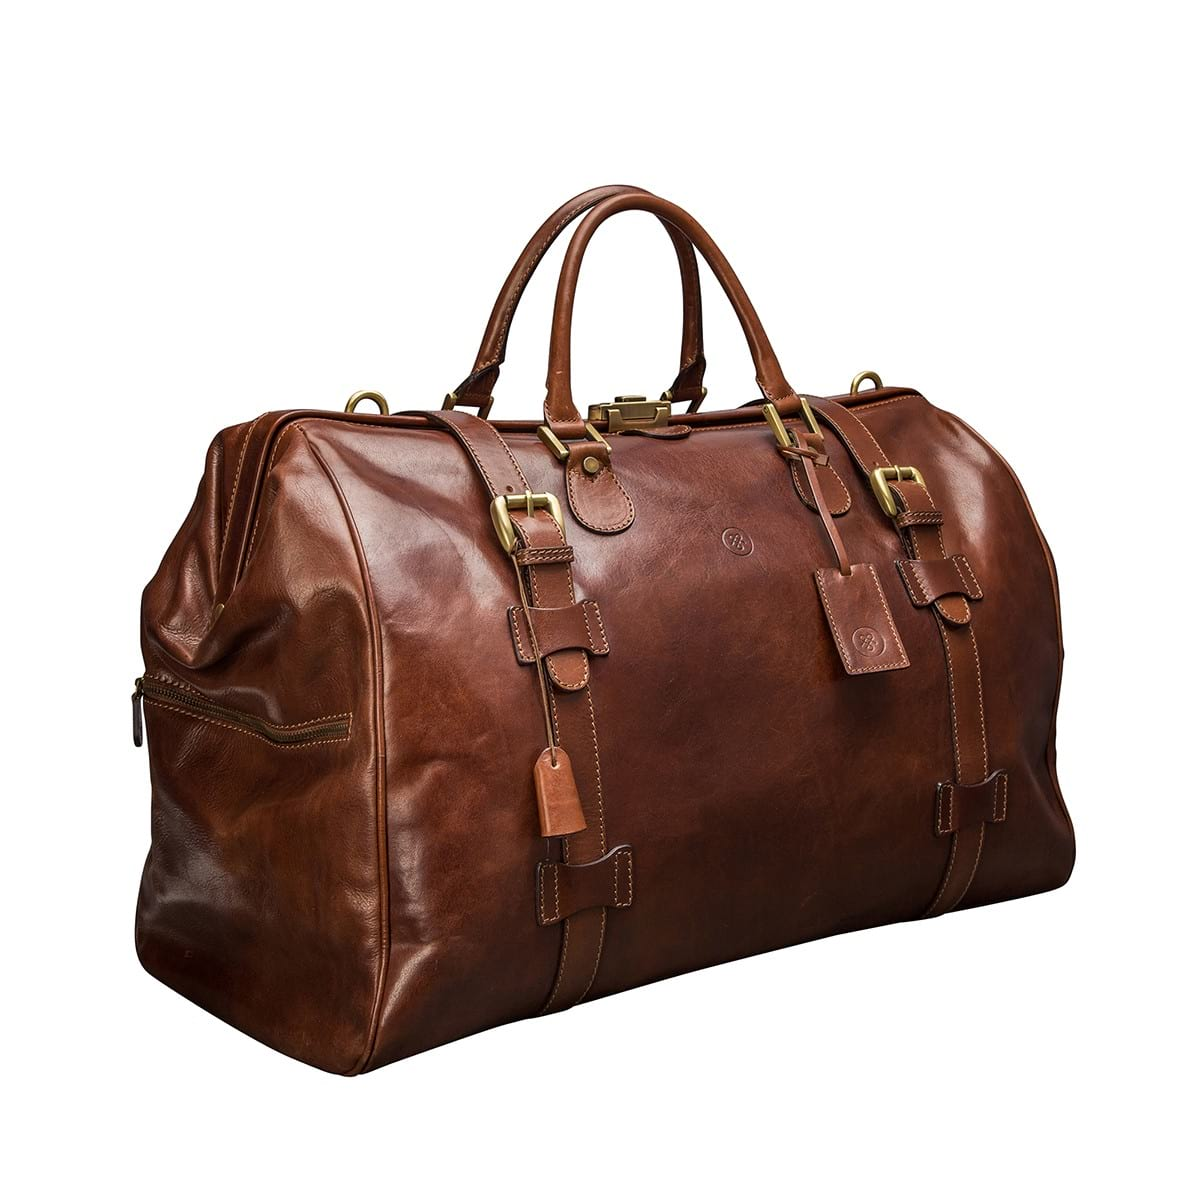 tan leather gladstone bag zexzqlx